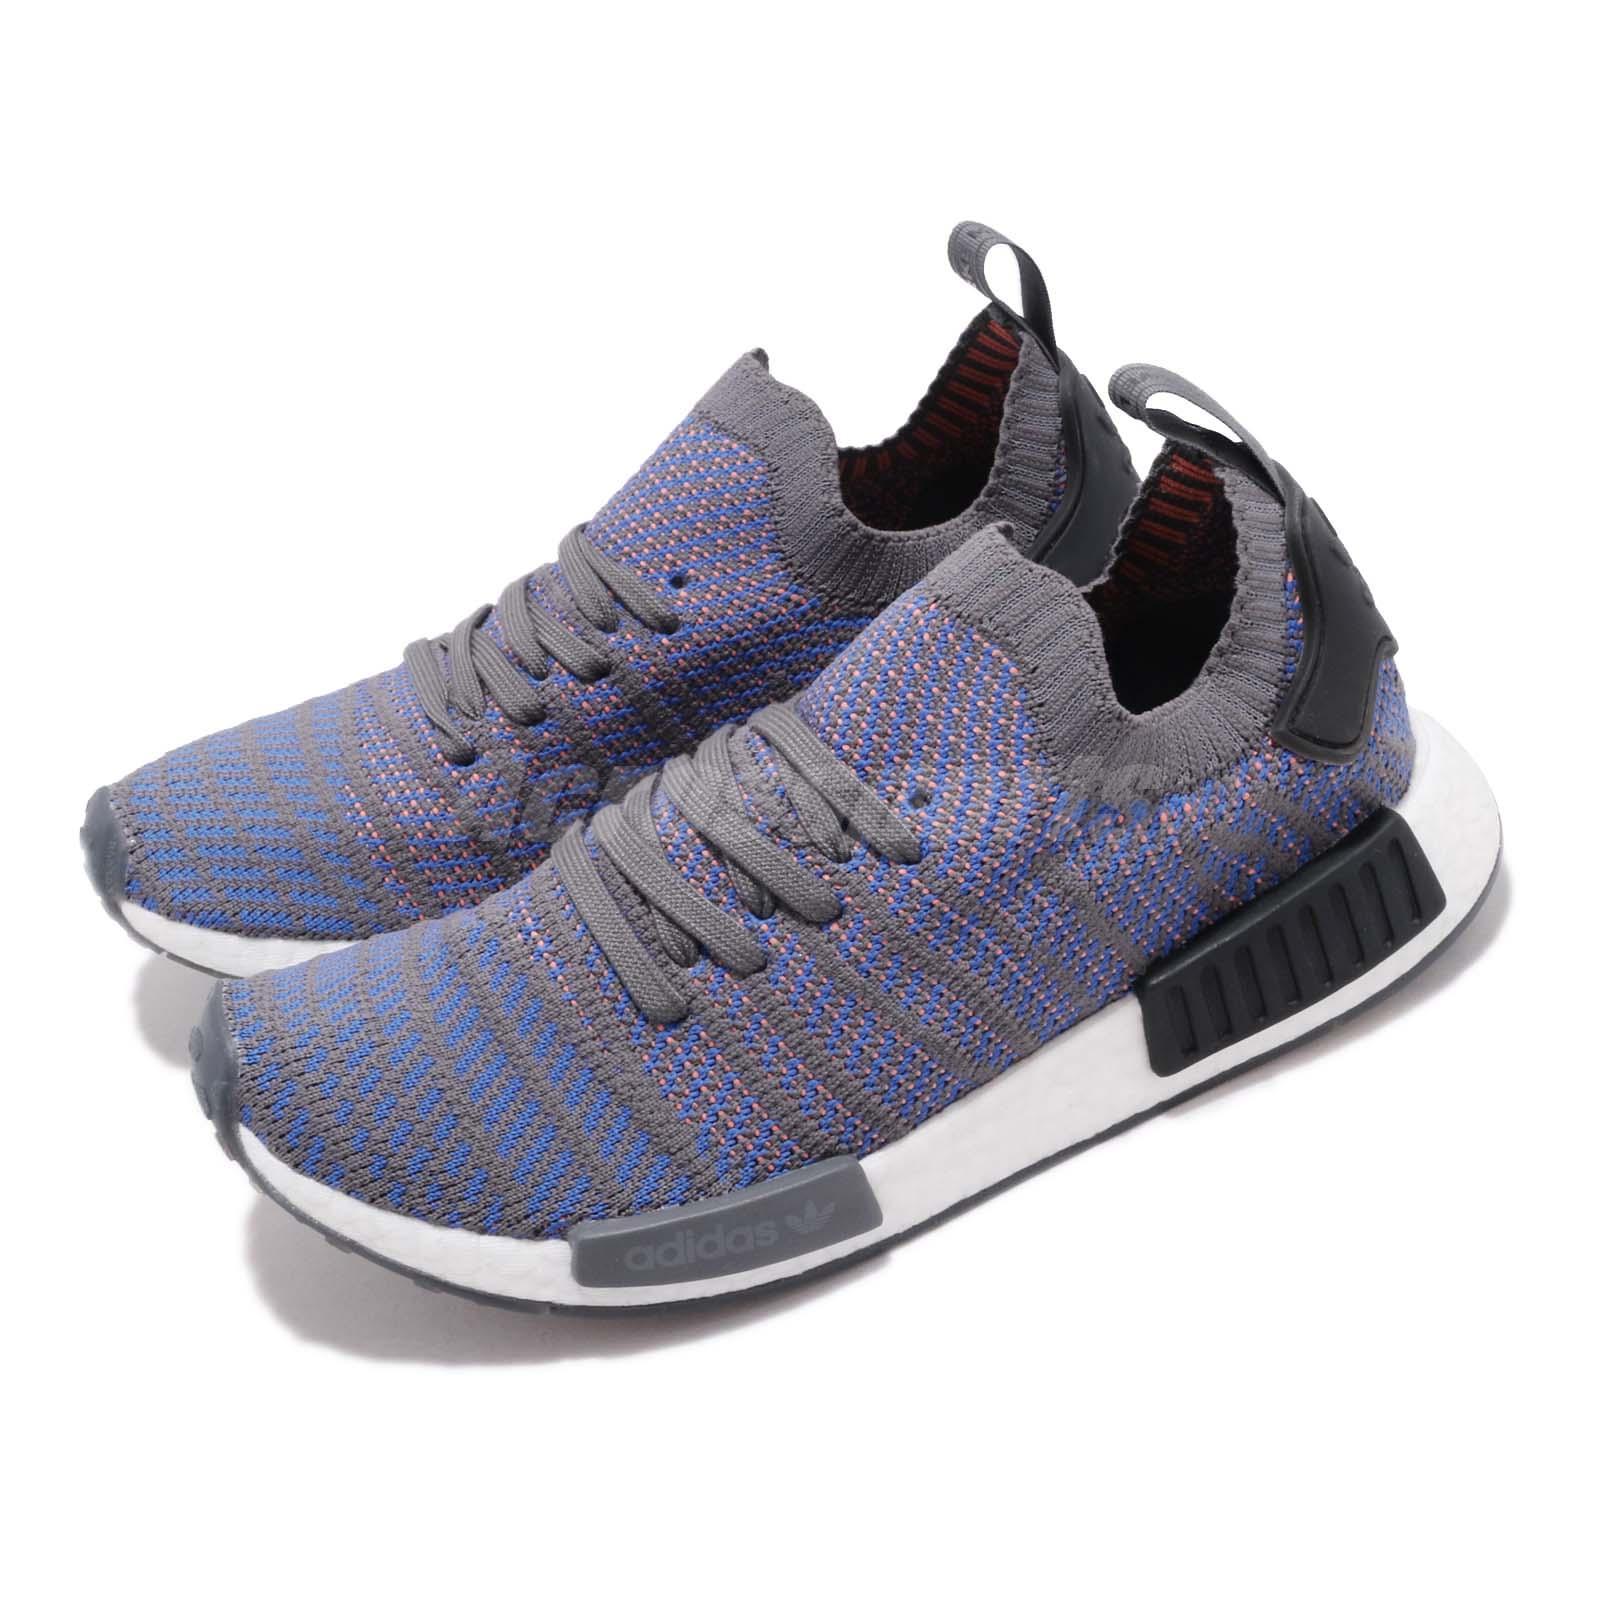 size 40 74661 d70f2 Details about adidas Originals NMD_R1 STLT PK Hi Res Blue Men Women Shoes  Sneakers CQ2388